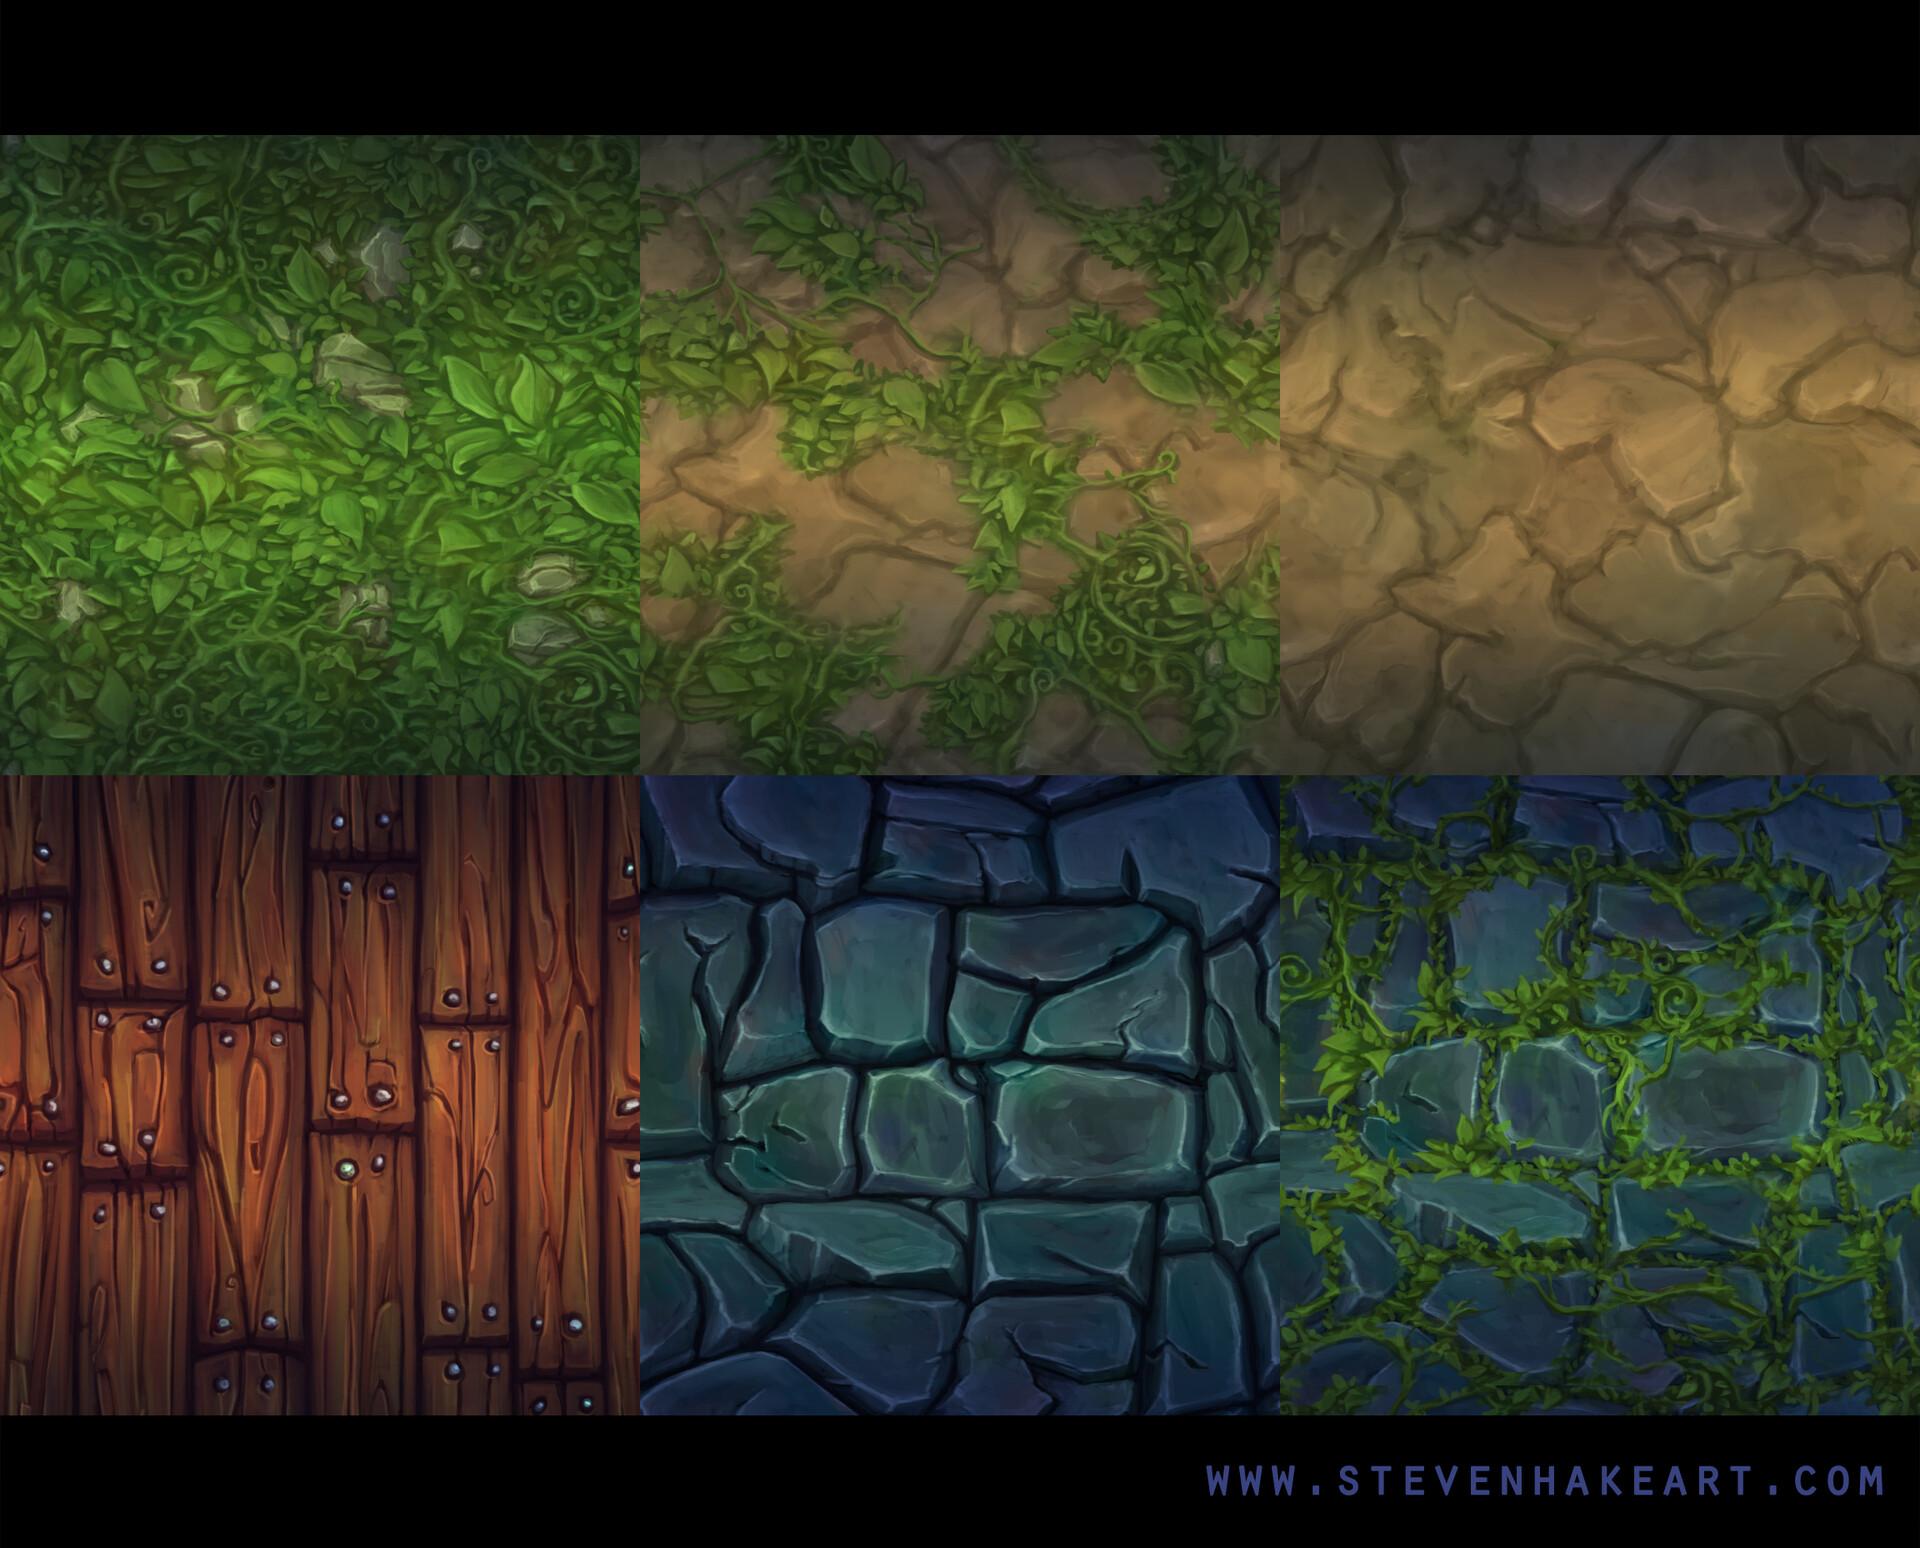 Steven hake textures 2